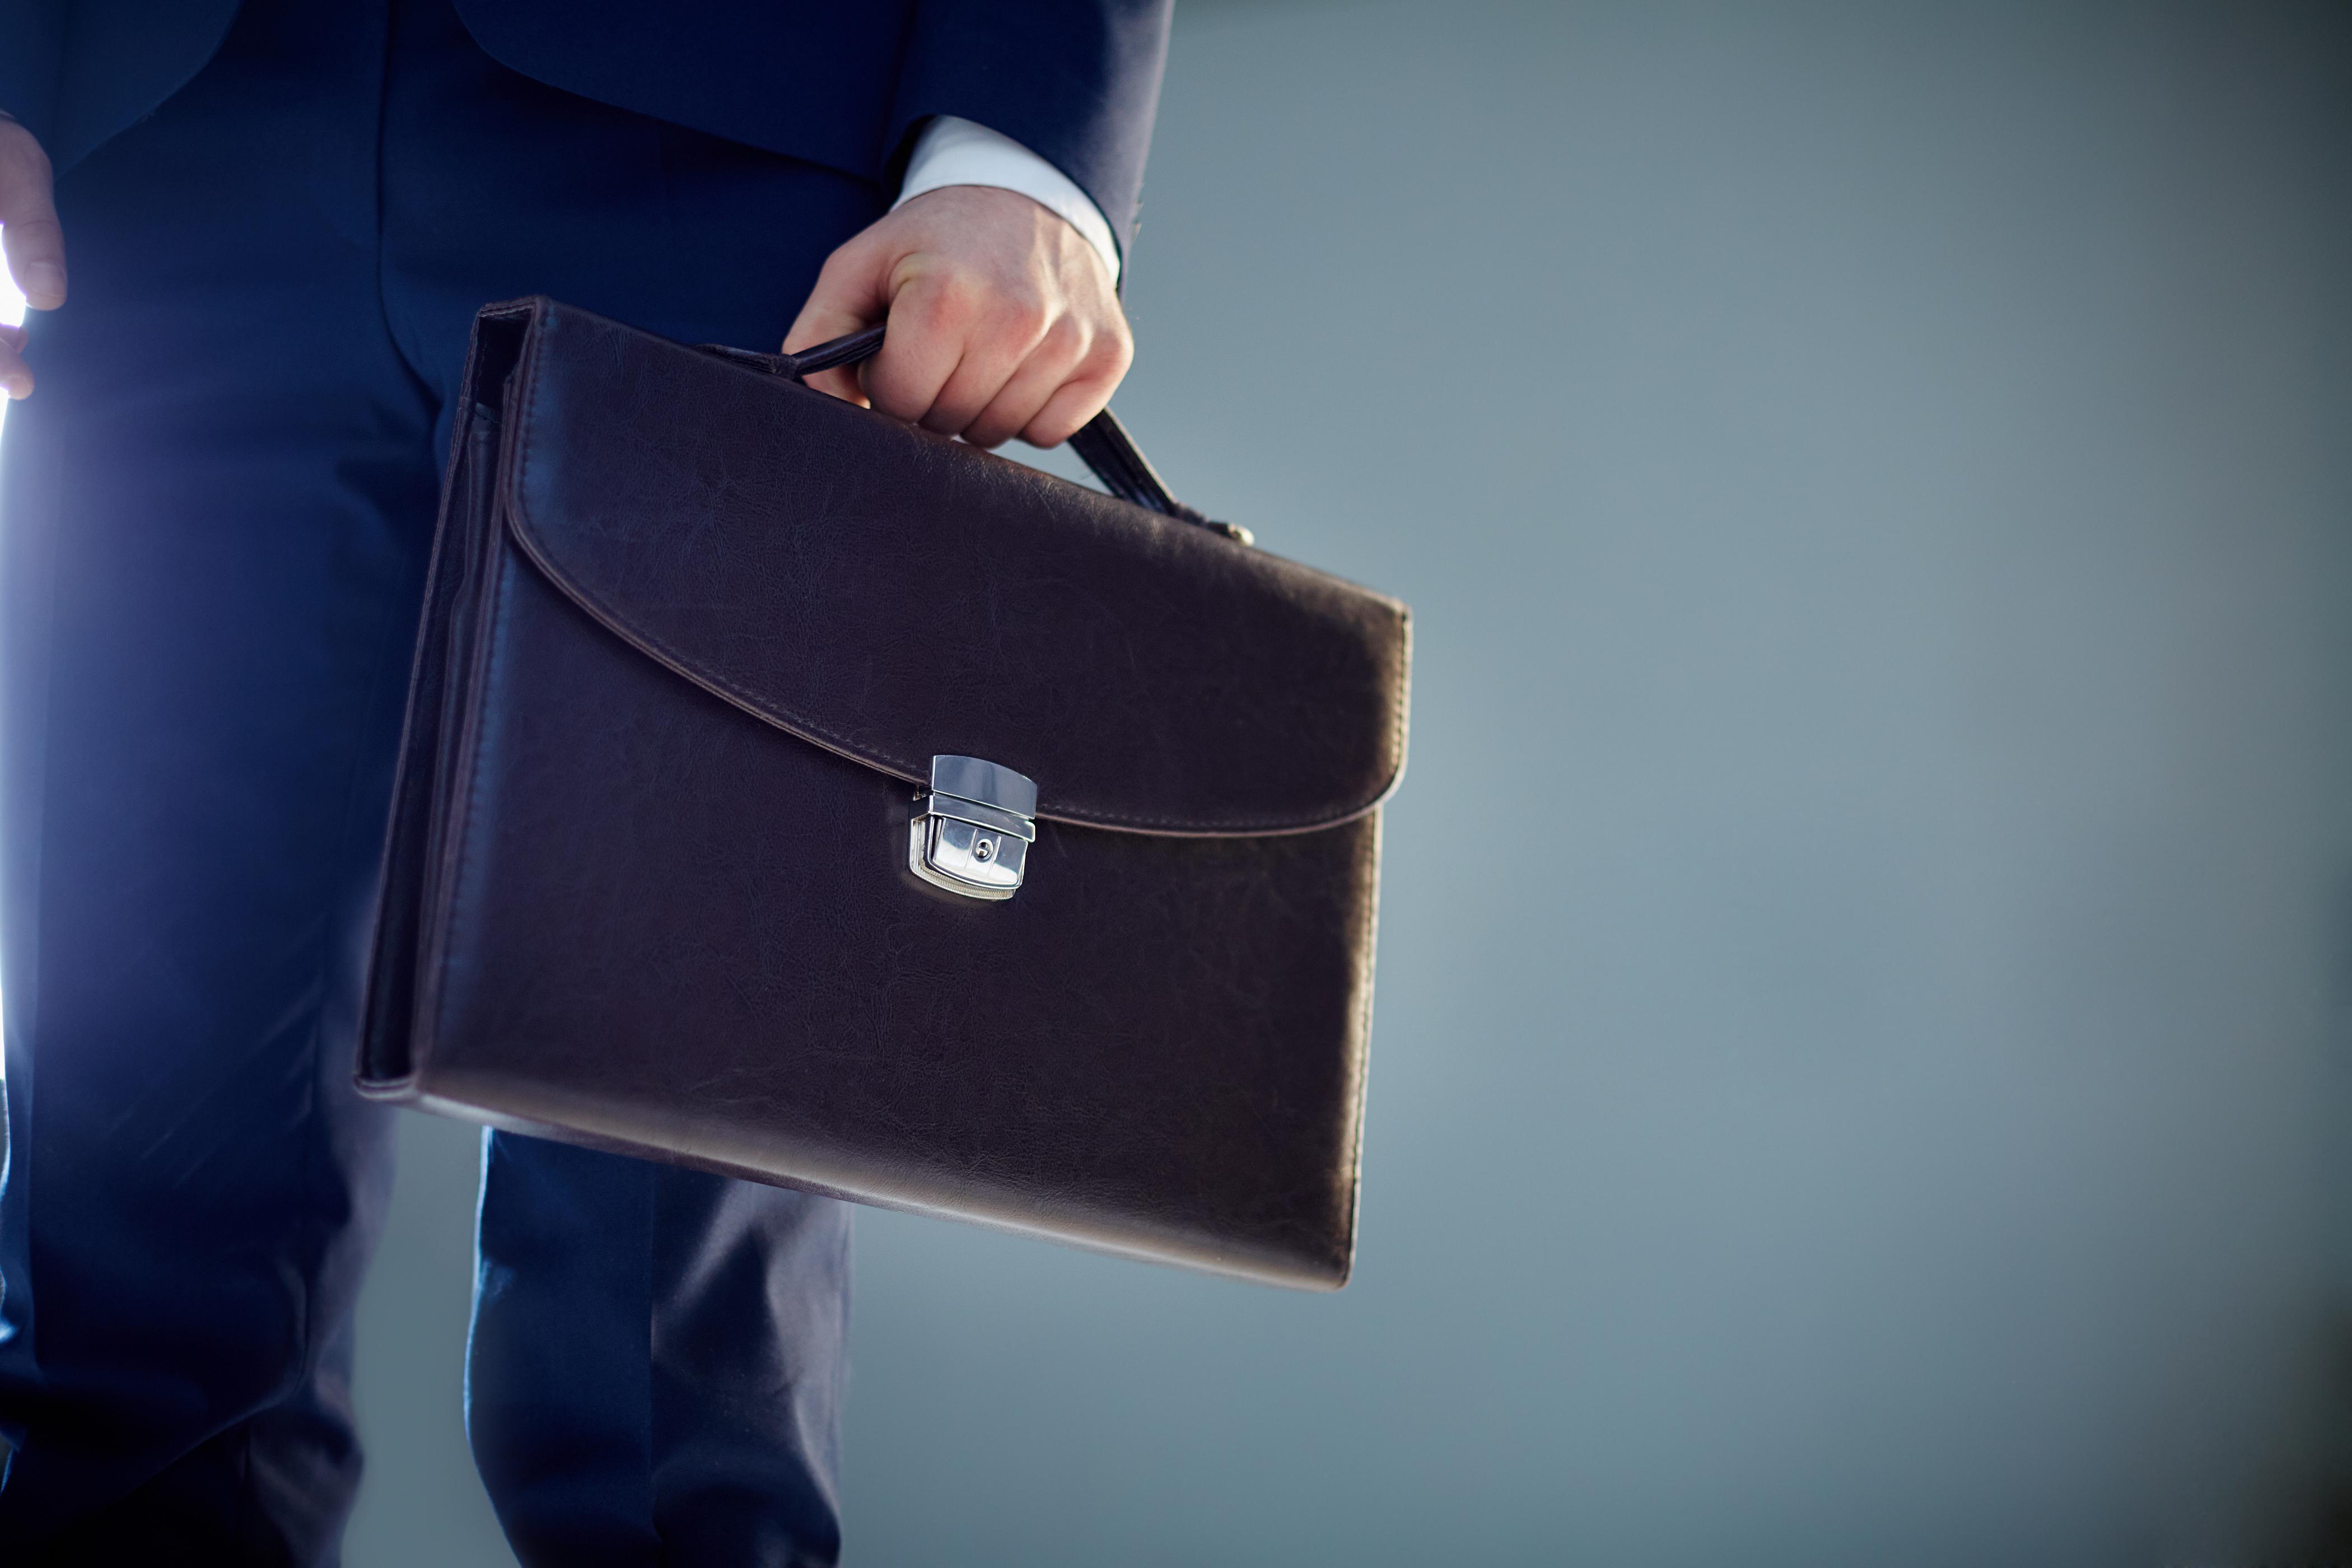 Державний бюджет – не бухгалтерський кошторис, а інструмент розвитку